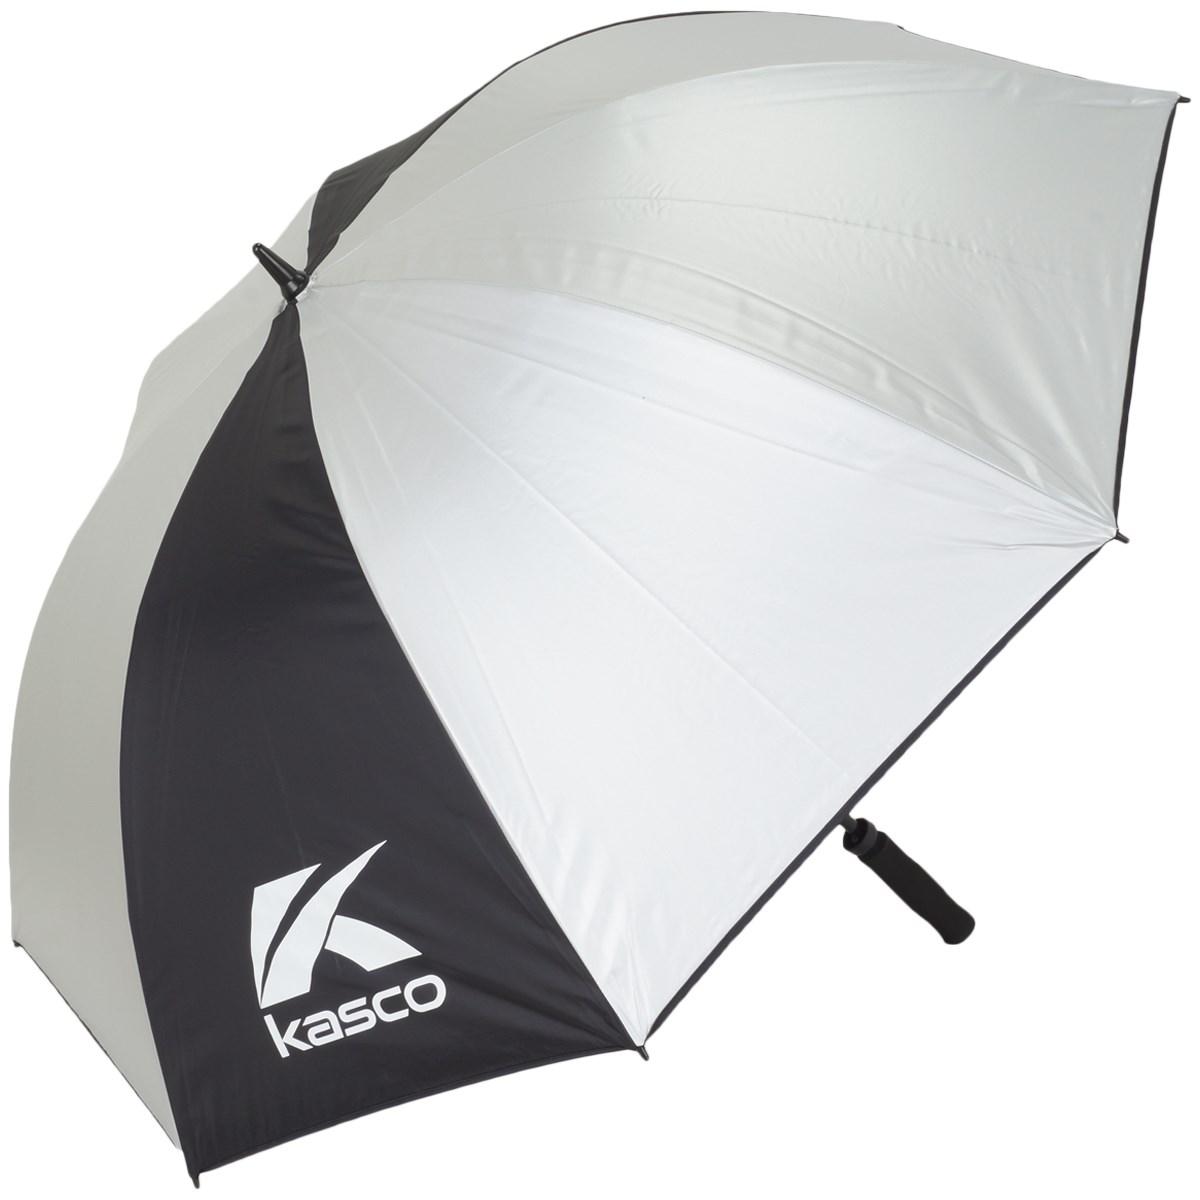 キャスコ(KASCO) 晴雨兼用大判銀傘